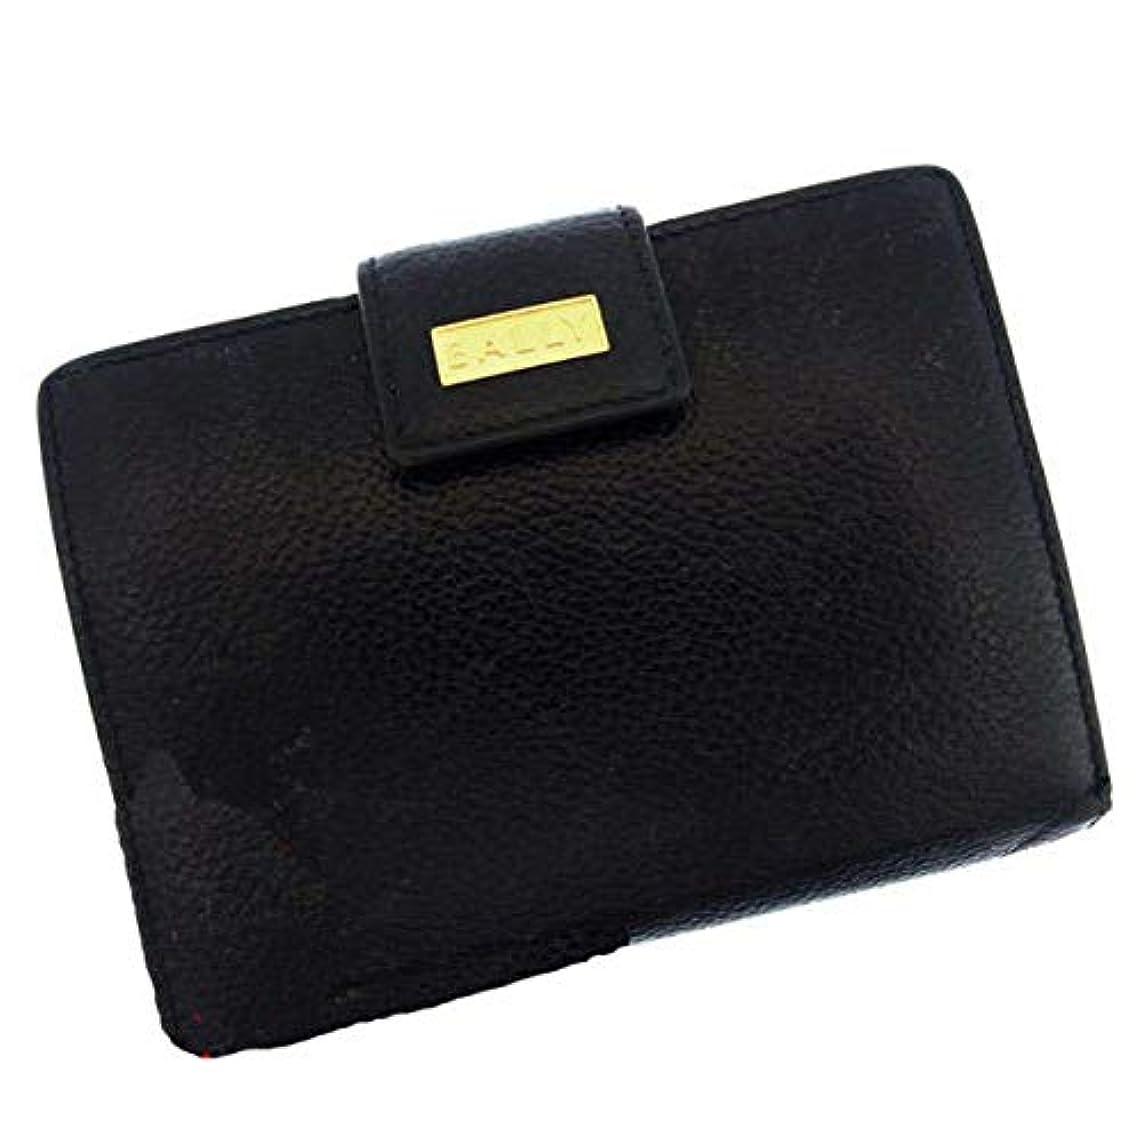 アナニバーわずかな符号(BALLY) バリー 二つ折財布 ロゴ 中古 M628